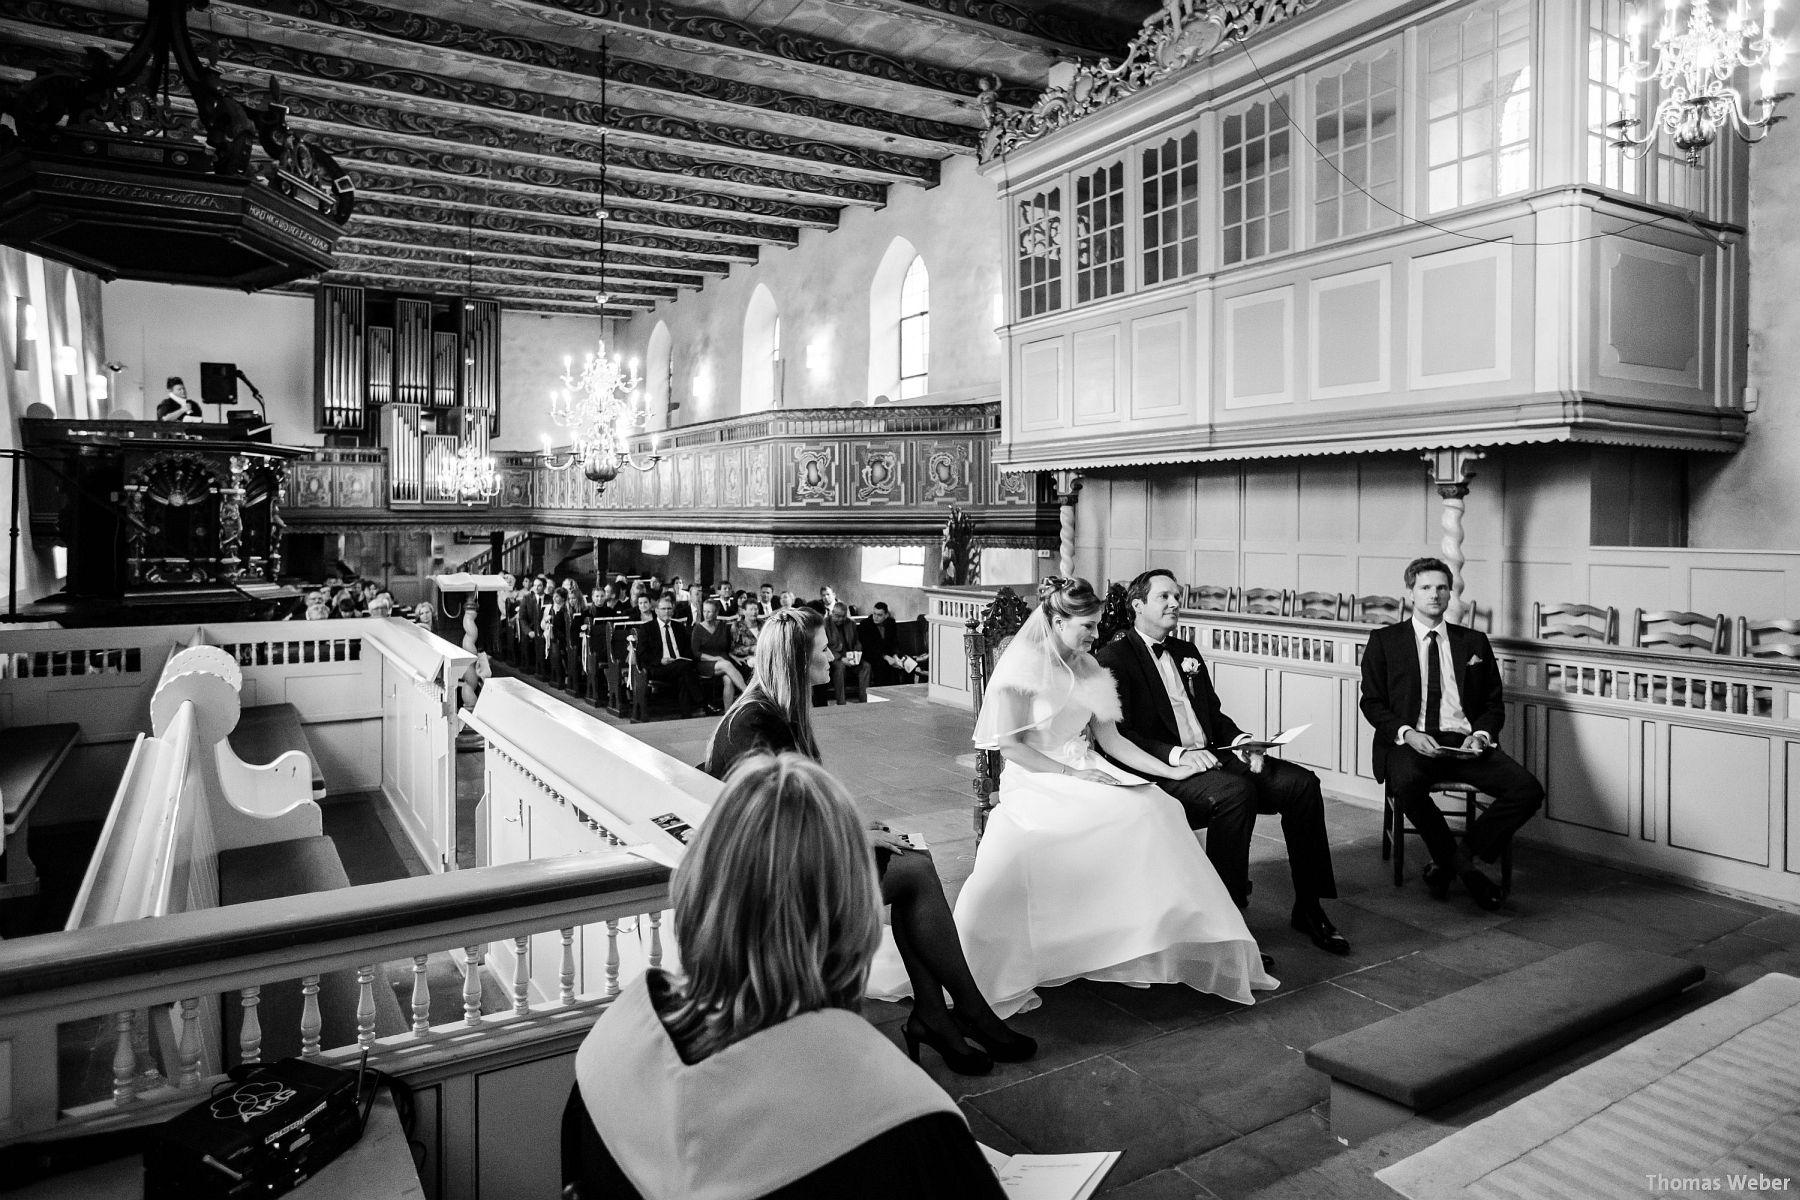 Hochzeitsfotograf Rastede: Kirchliche Trauung in der St. Ulrichs Kirche Rastede und Hochzeitsfeier in der Eventscheune St Georg Rastede mit dem Catering von Split Food (Michael Niebuhr) aus Oldenburg (23)